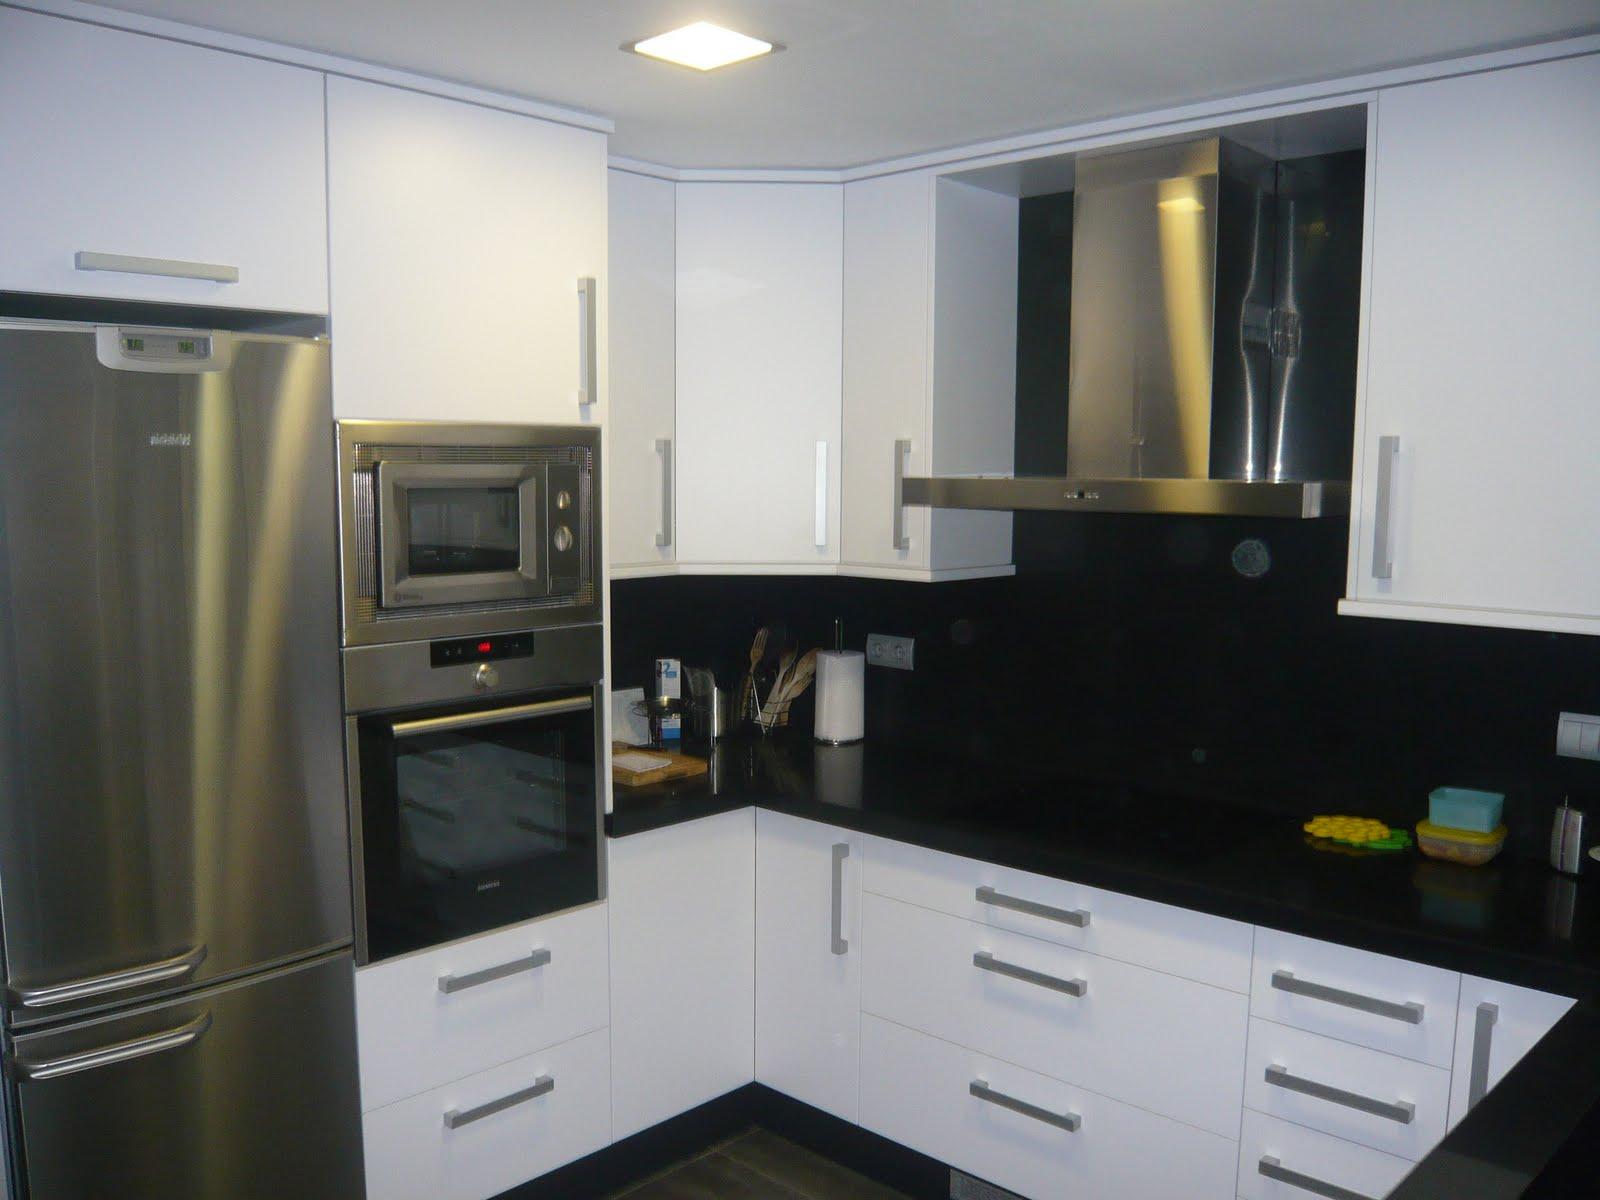 Reuscuina cocina de formica blanca con silestone negro for Cocinas blancas con silestone